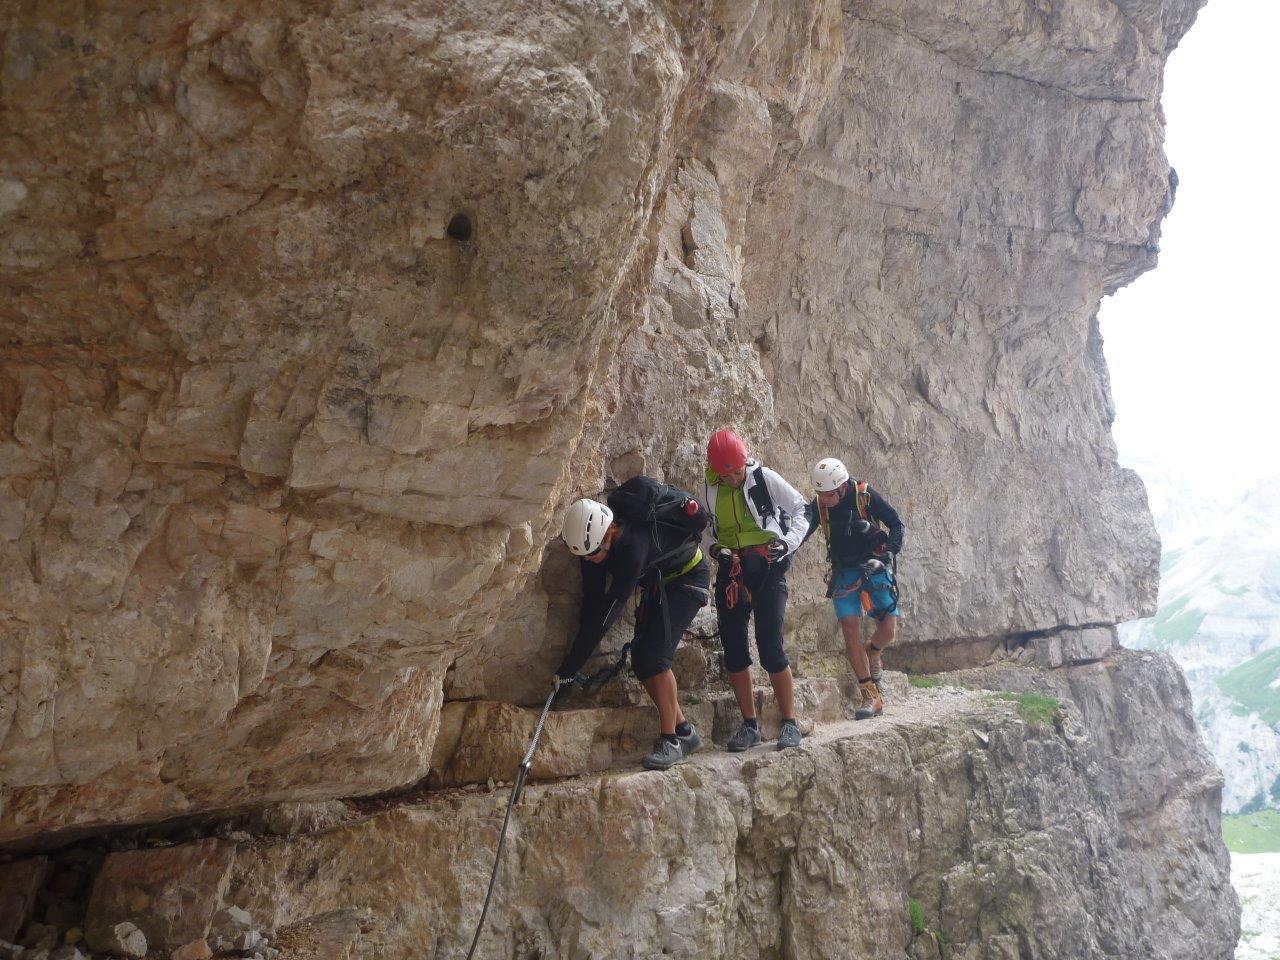 Klettersteig Drei Zinnen : Aufdiebergbinigern: übern paternkofel innerkofler de luca